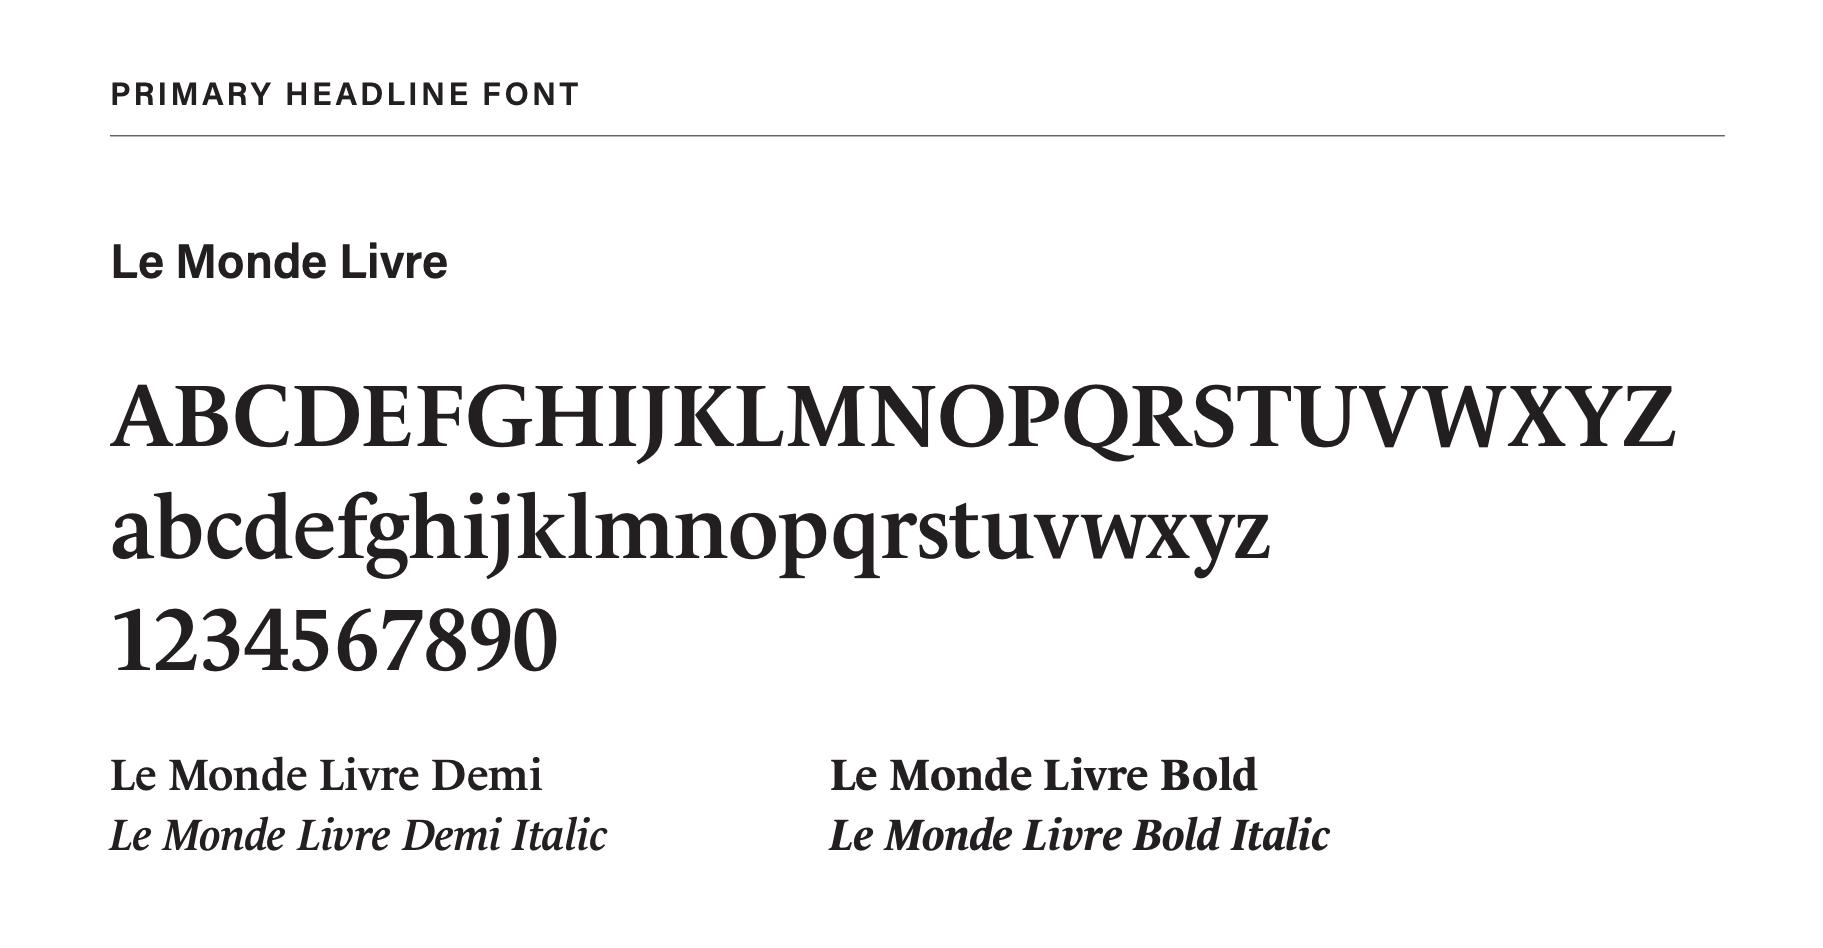 Branding: Le Monde Livre font image